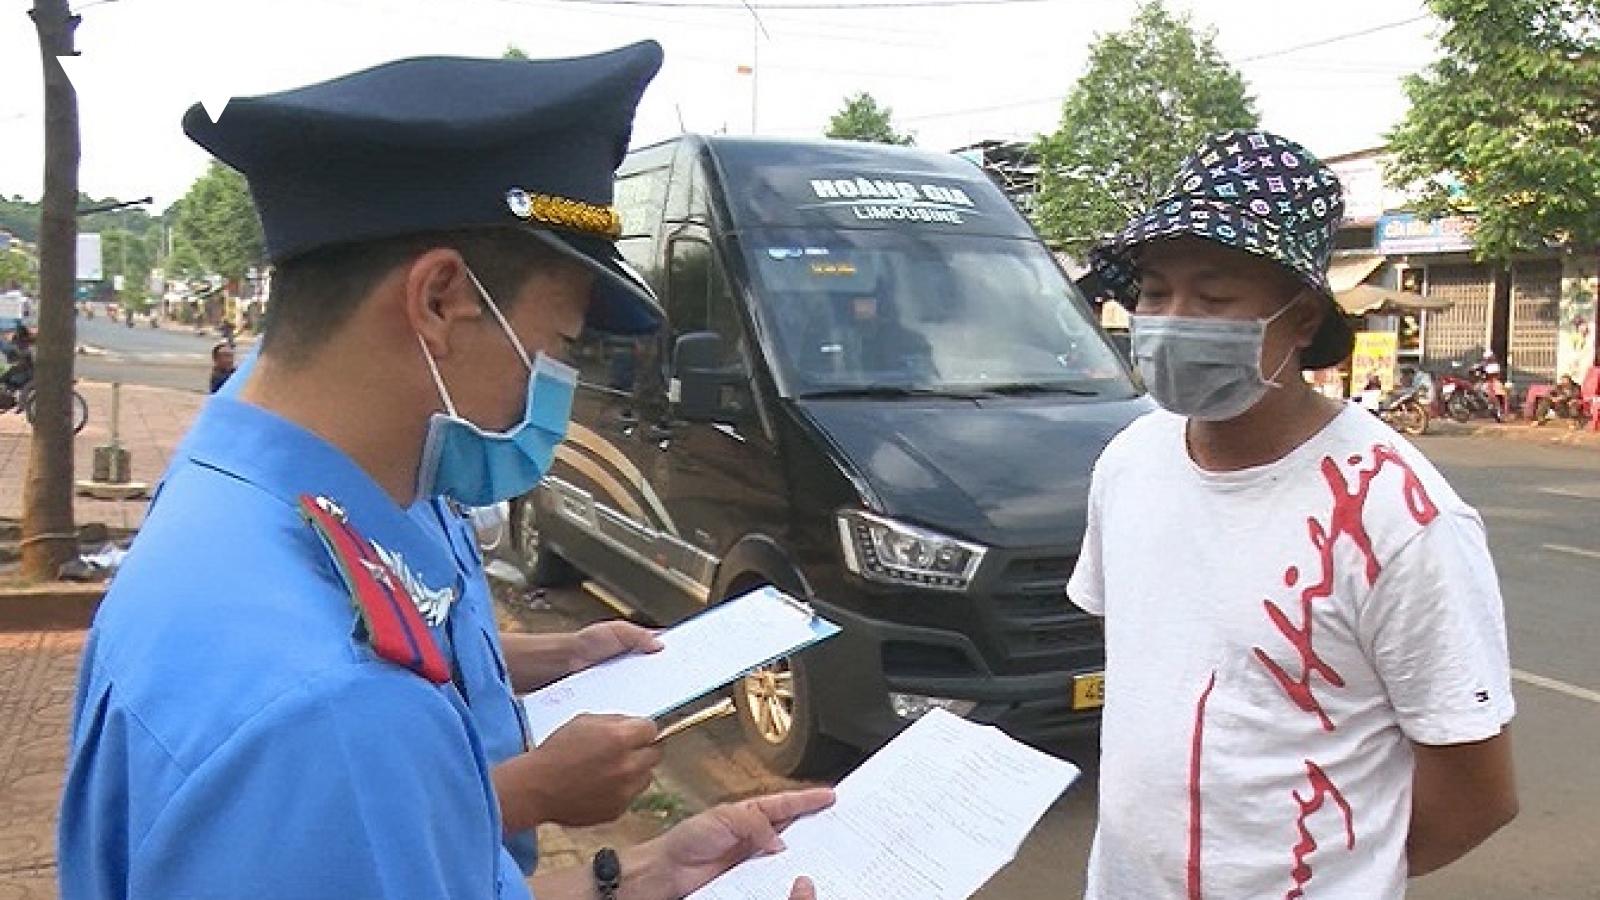 Đắk Nông tạm dừng vận tải hành khách đi thành phố Đà Nẵng, Bình Dương